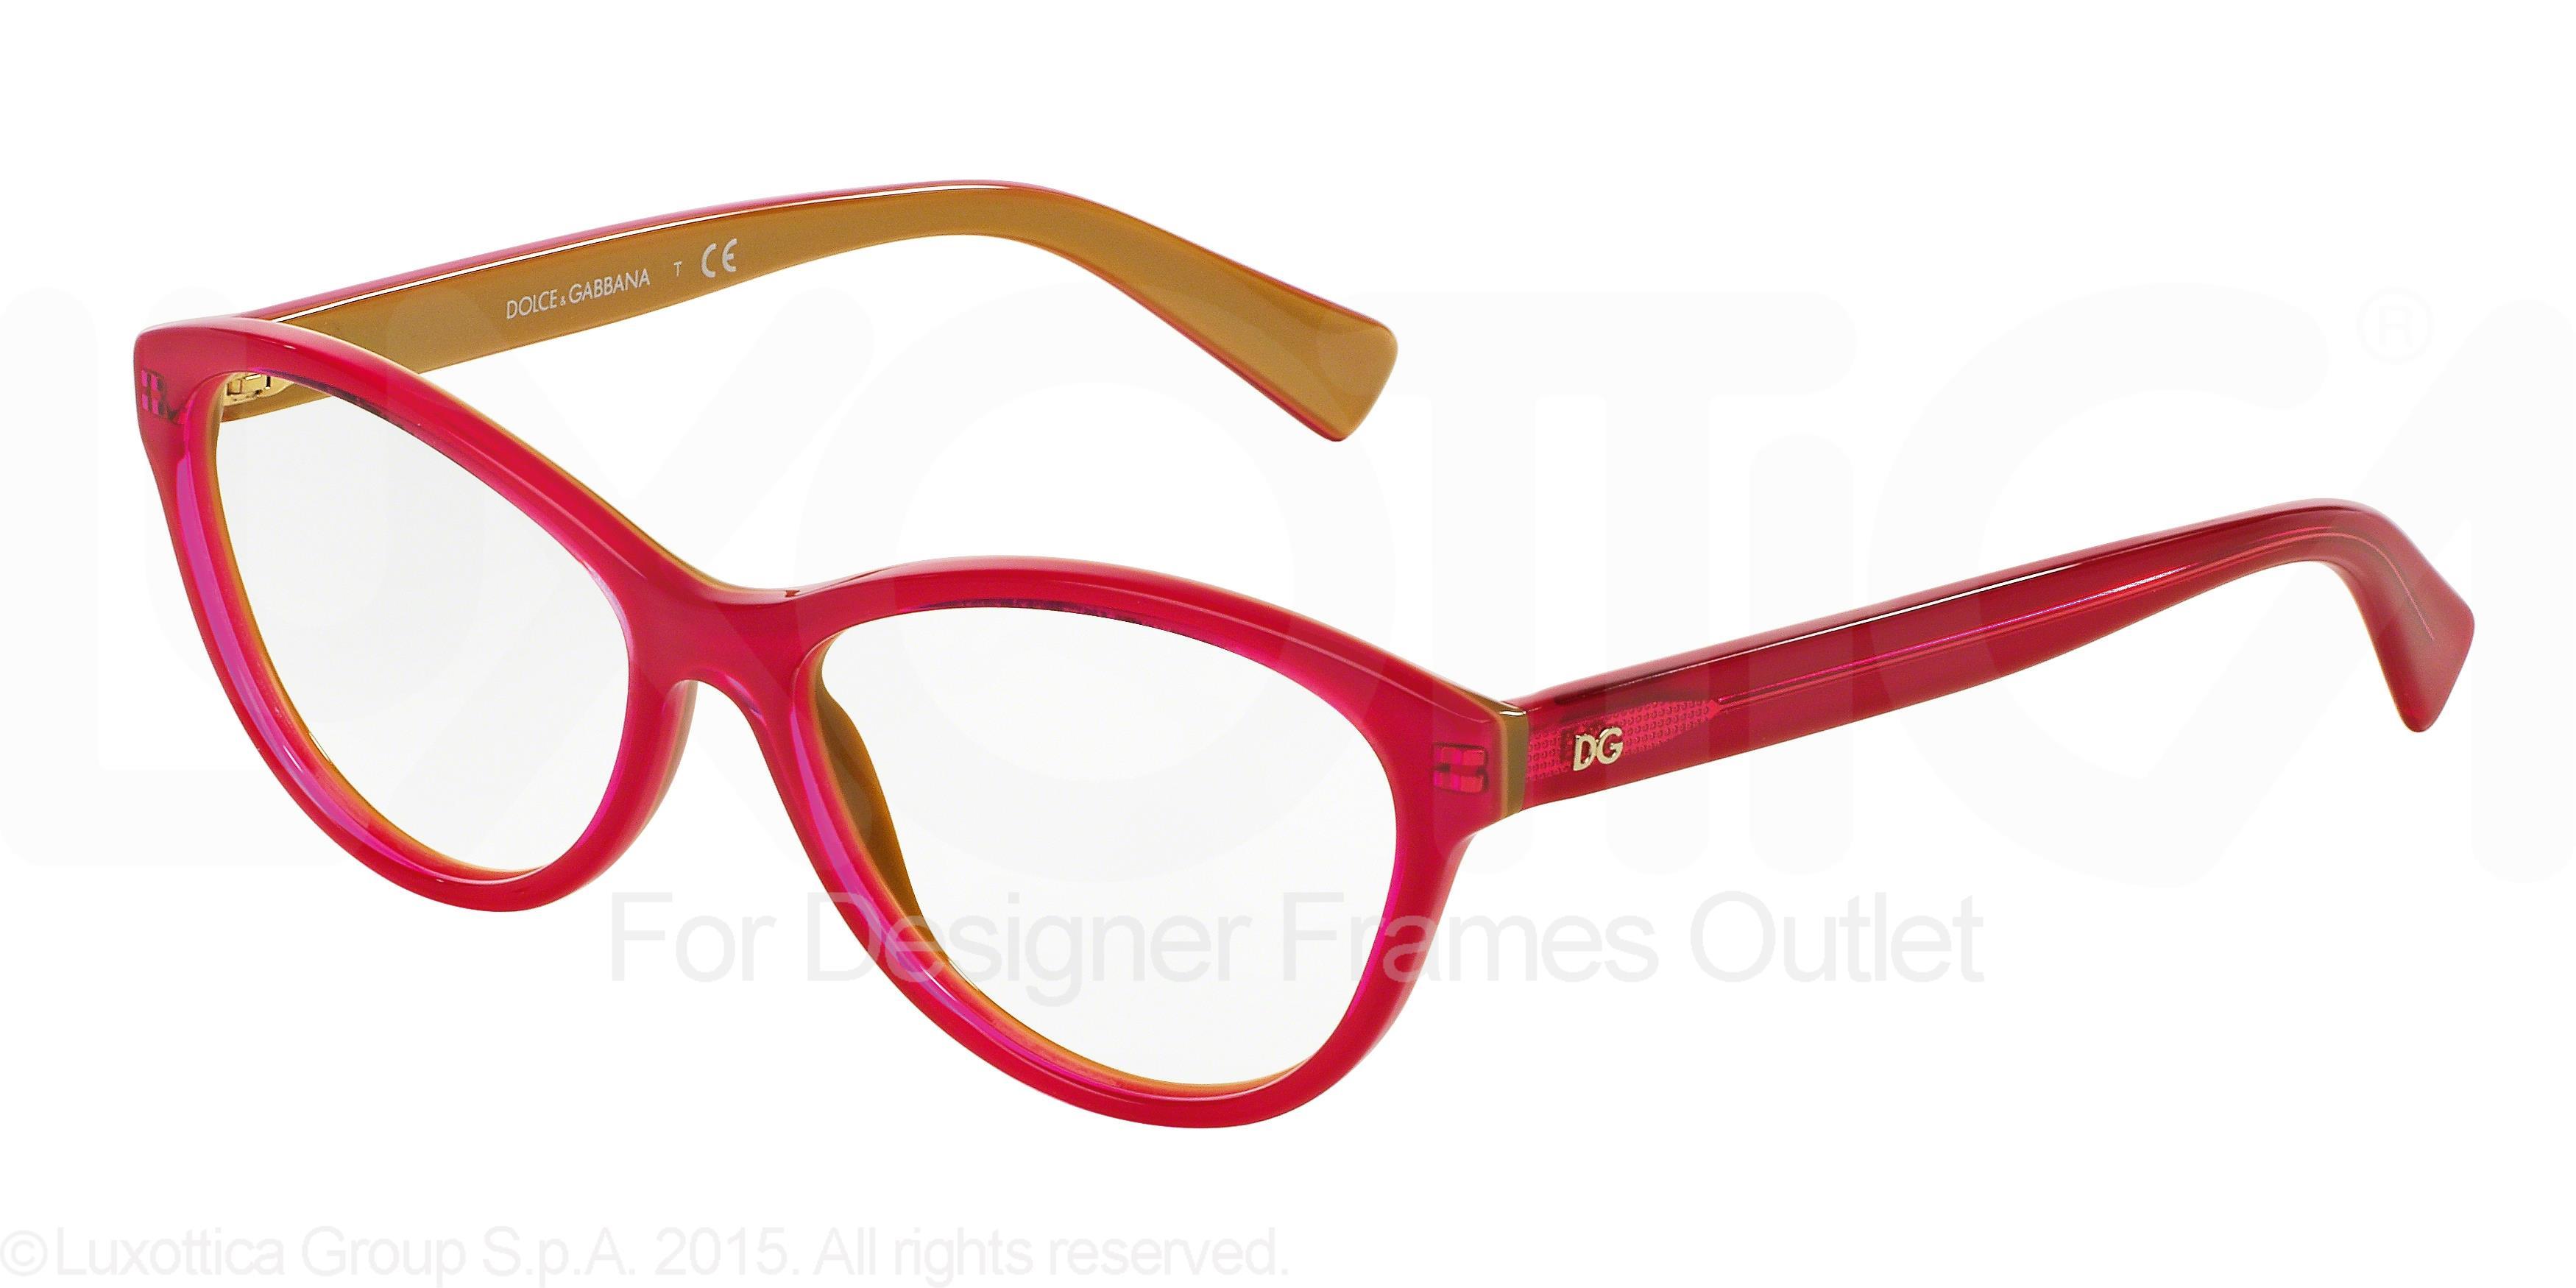 9d8527b0f5 Designer Frames Outlet. Dolce   Gabbana DG3232